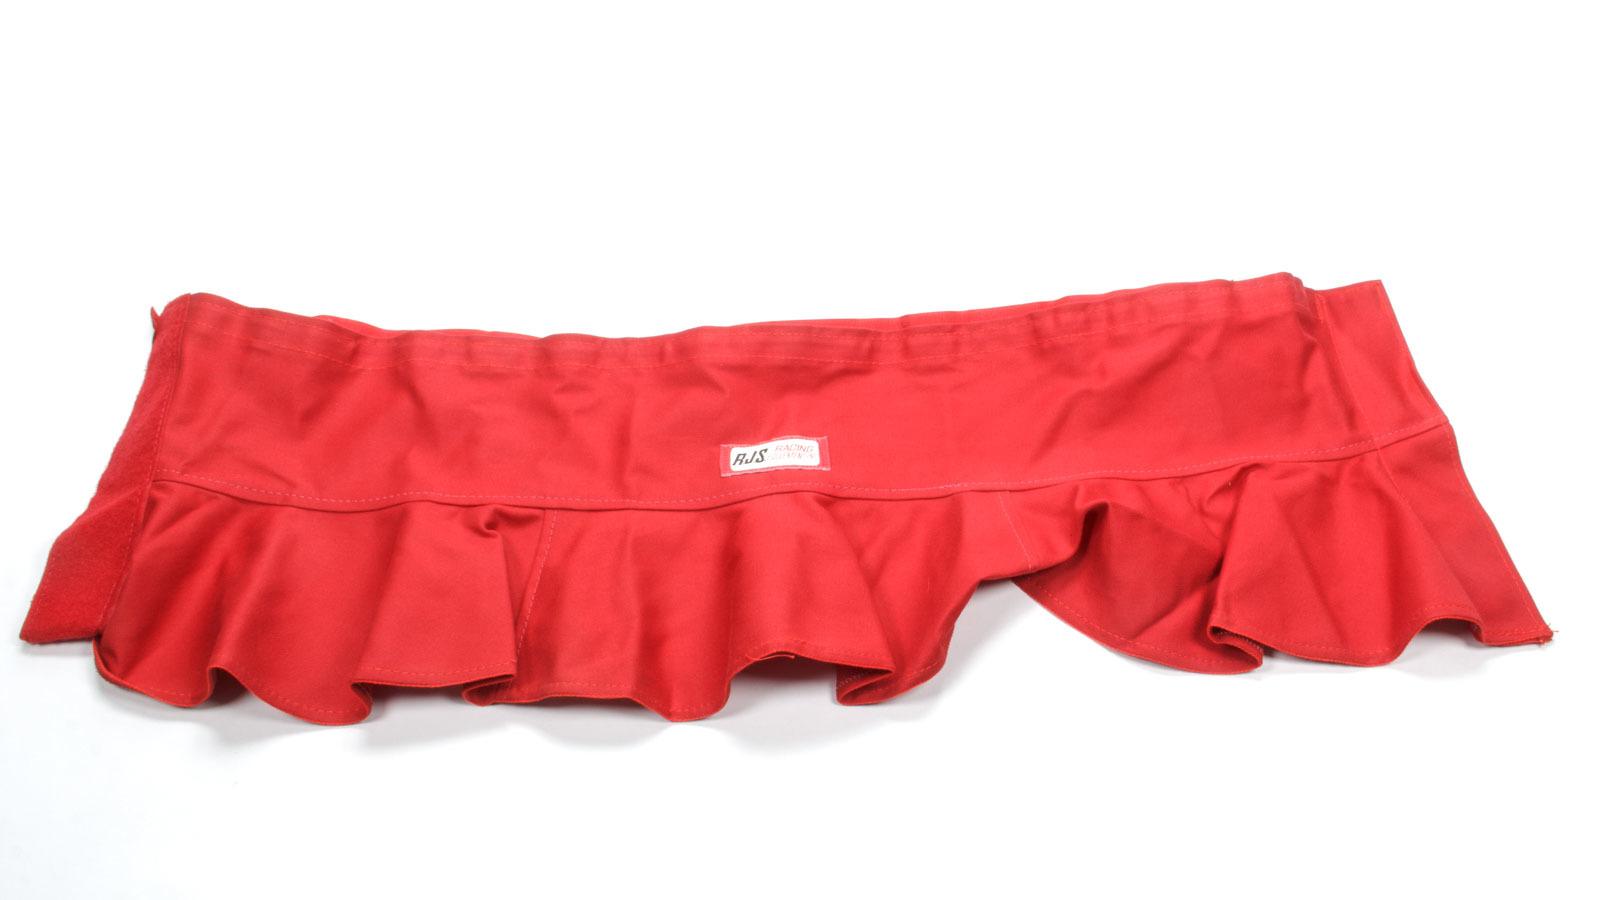 Rjs Safety Helmet Skirt- Red